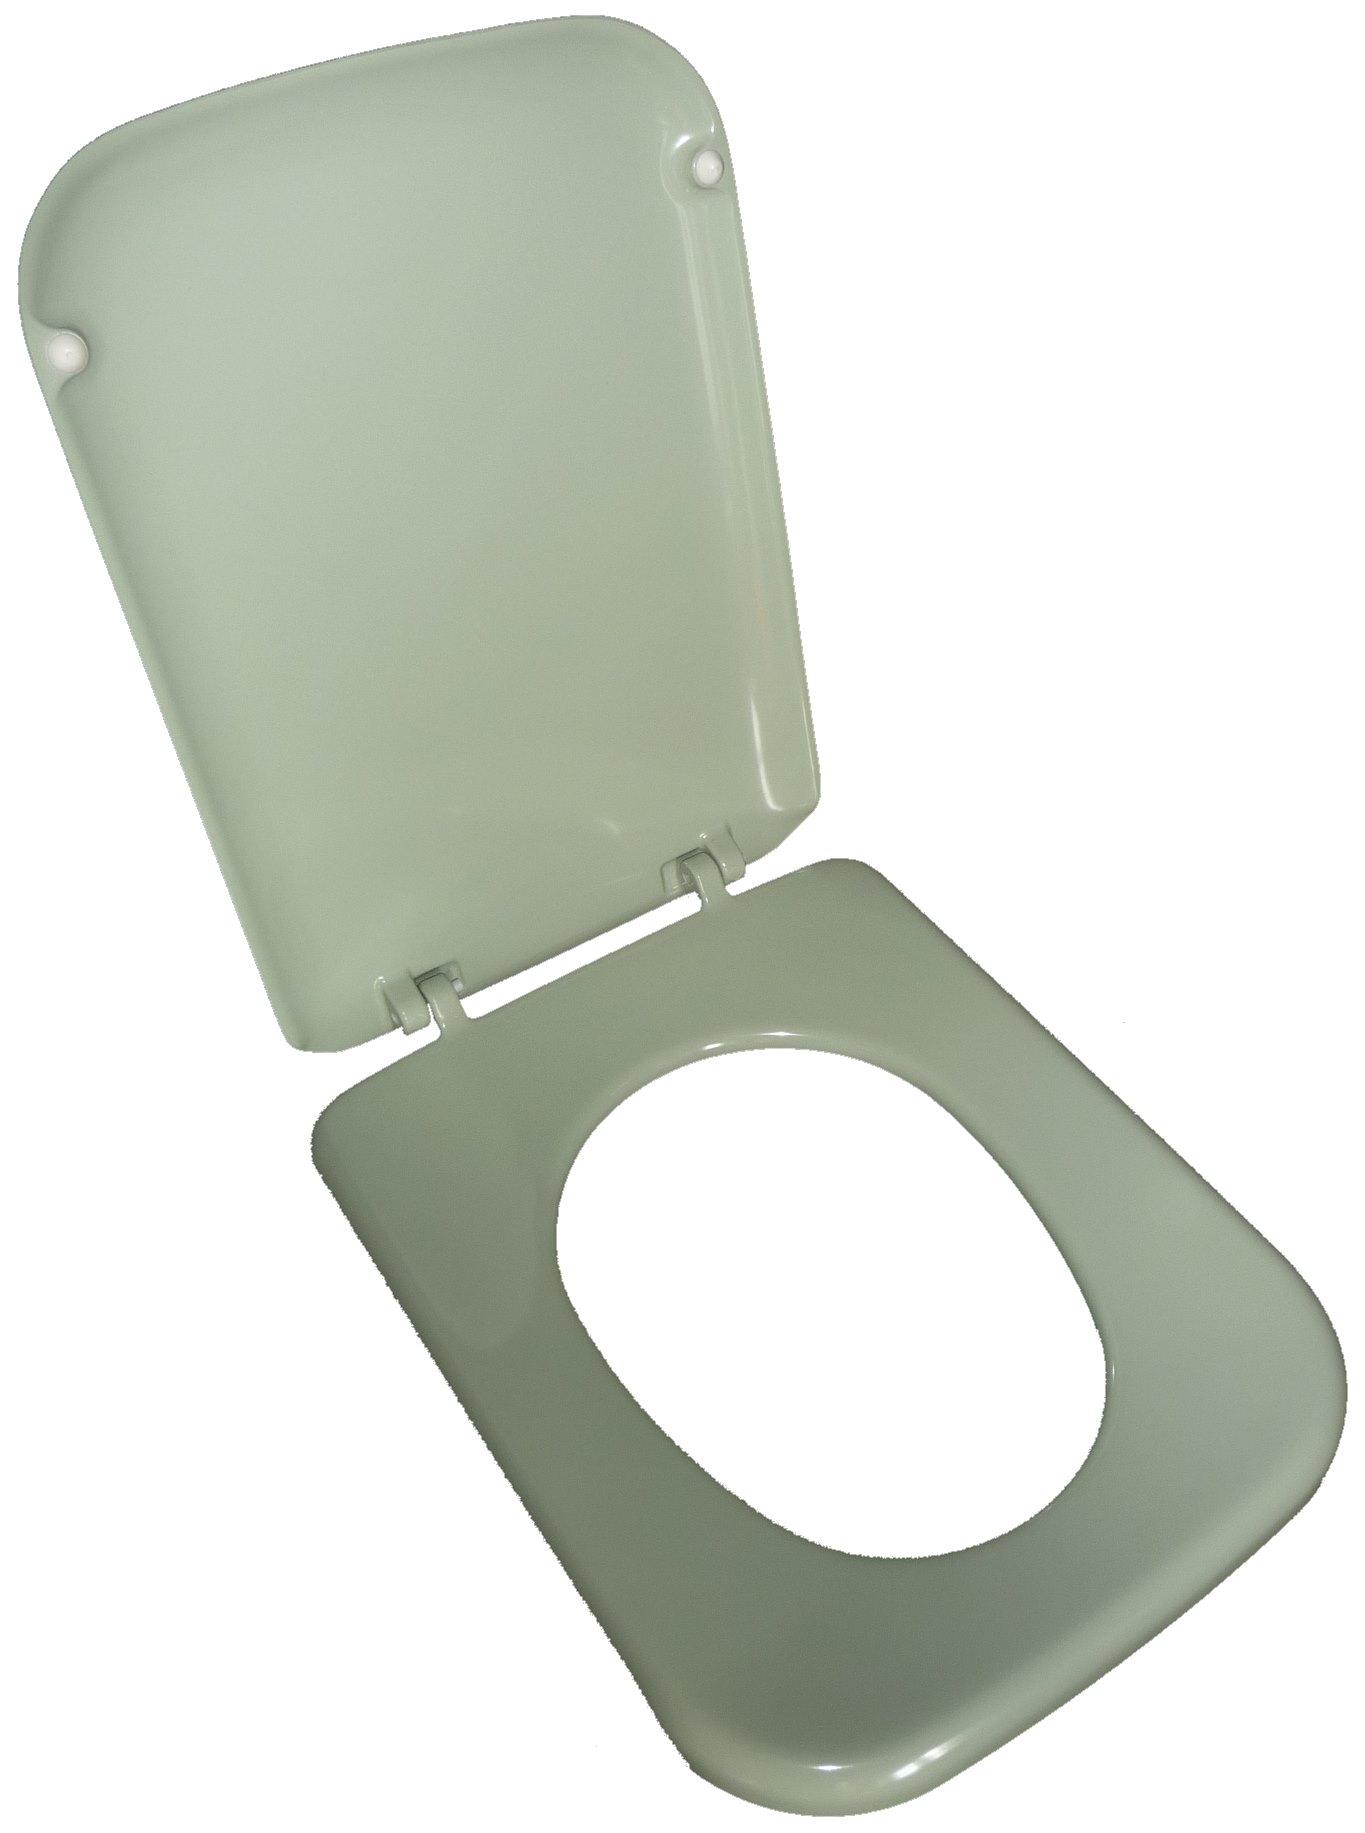 kaspischgrün WC-Sitz Tonca geöffnet